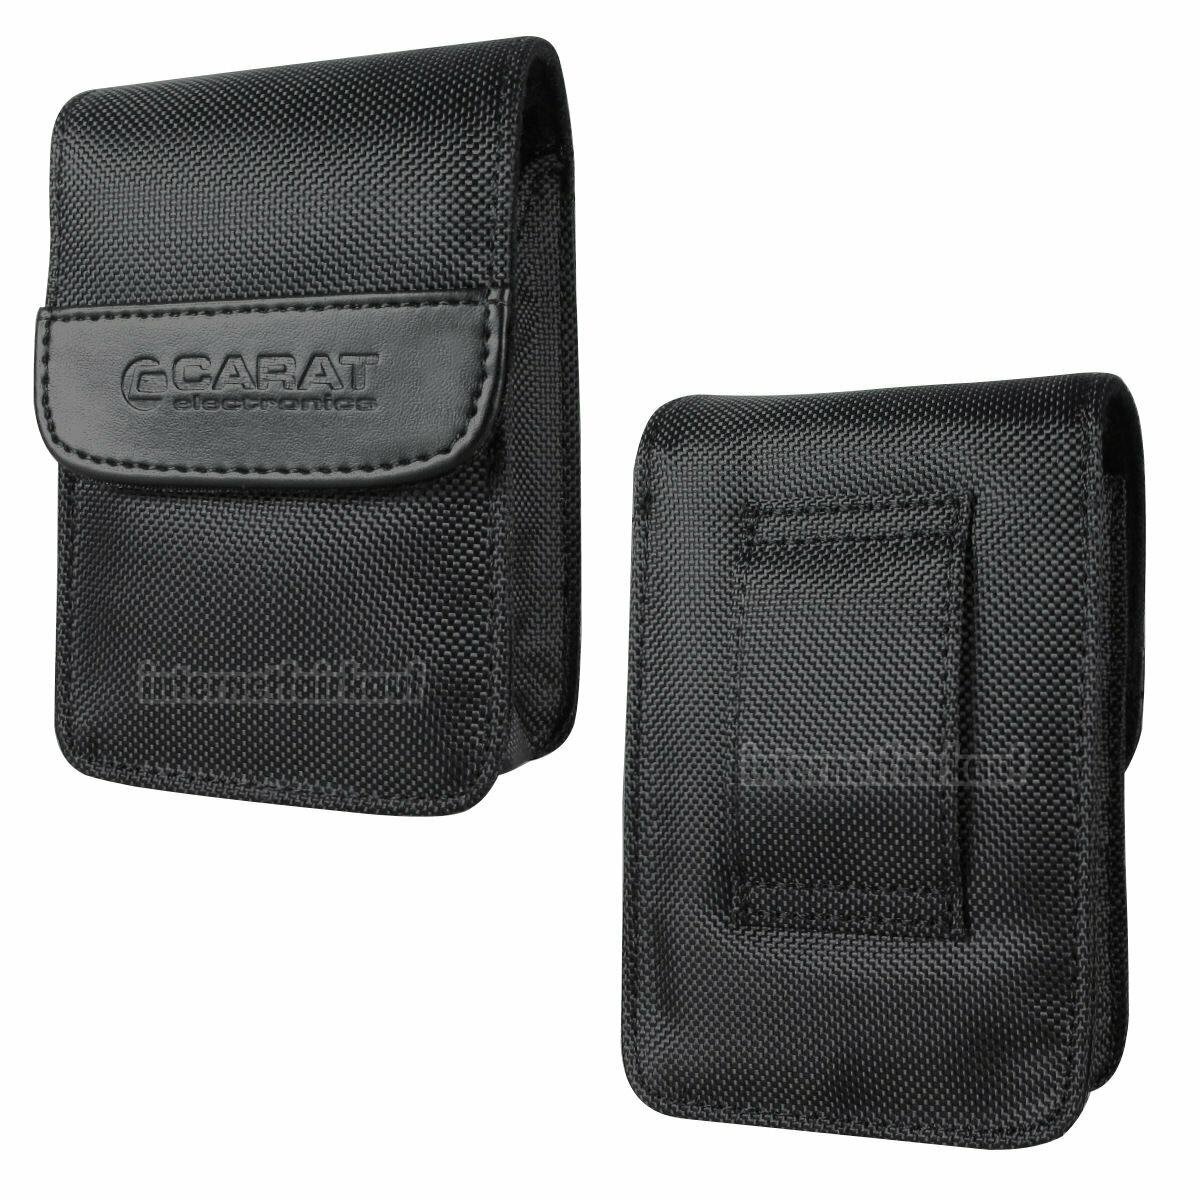 Gürteltasche passend für Sony DSC-RX100 I II - Etui Kamera-Tasche